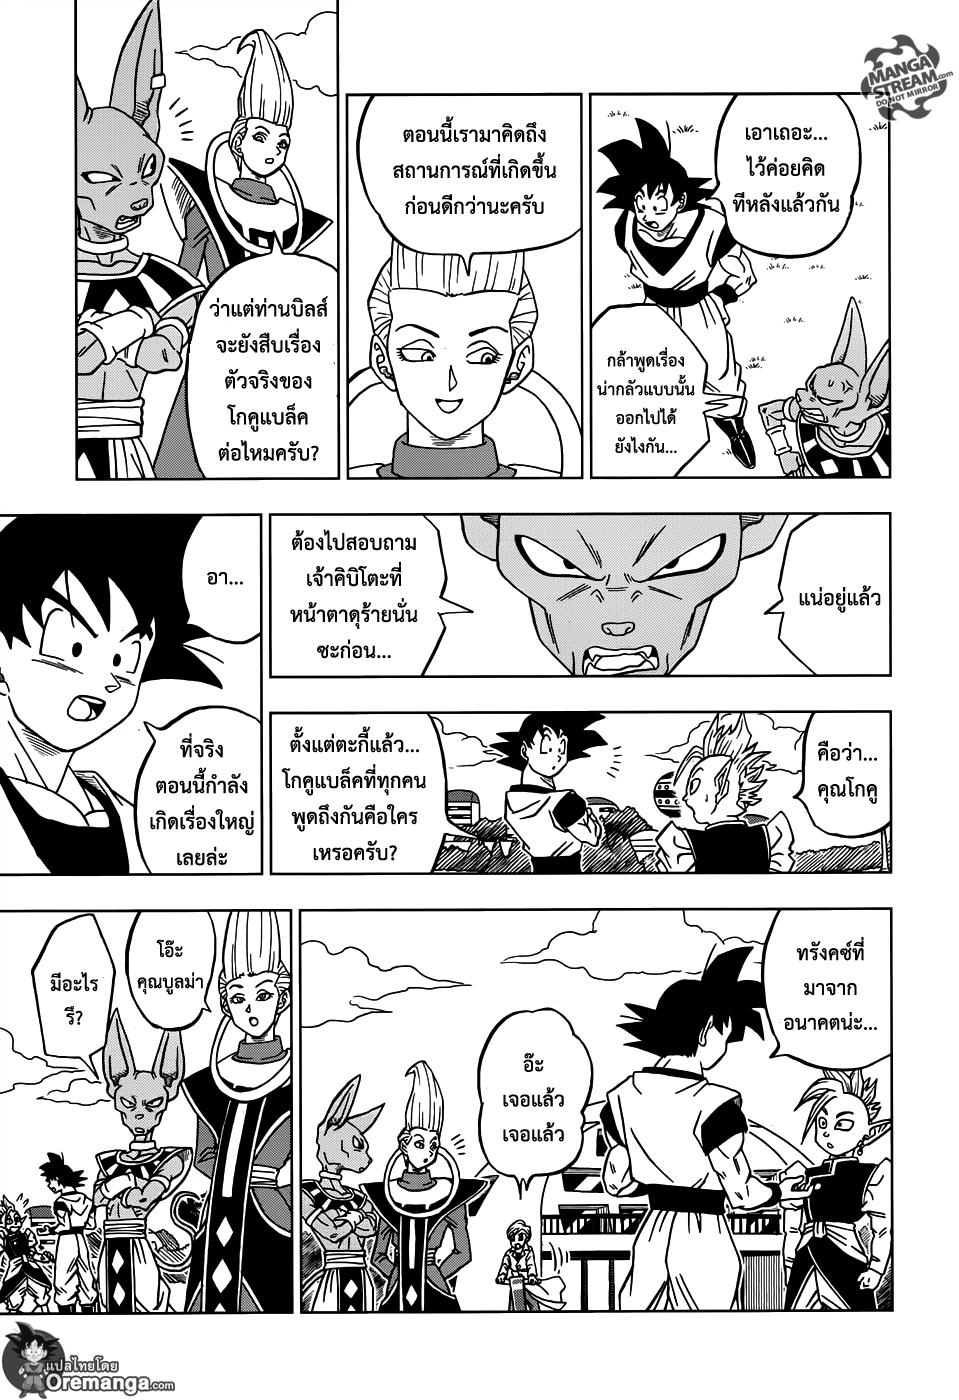 อ่านการ์ตูน Dragonball Super ตอนที่ 18 หน้าที่ 15